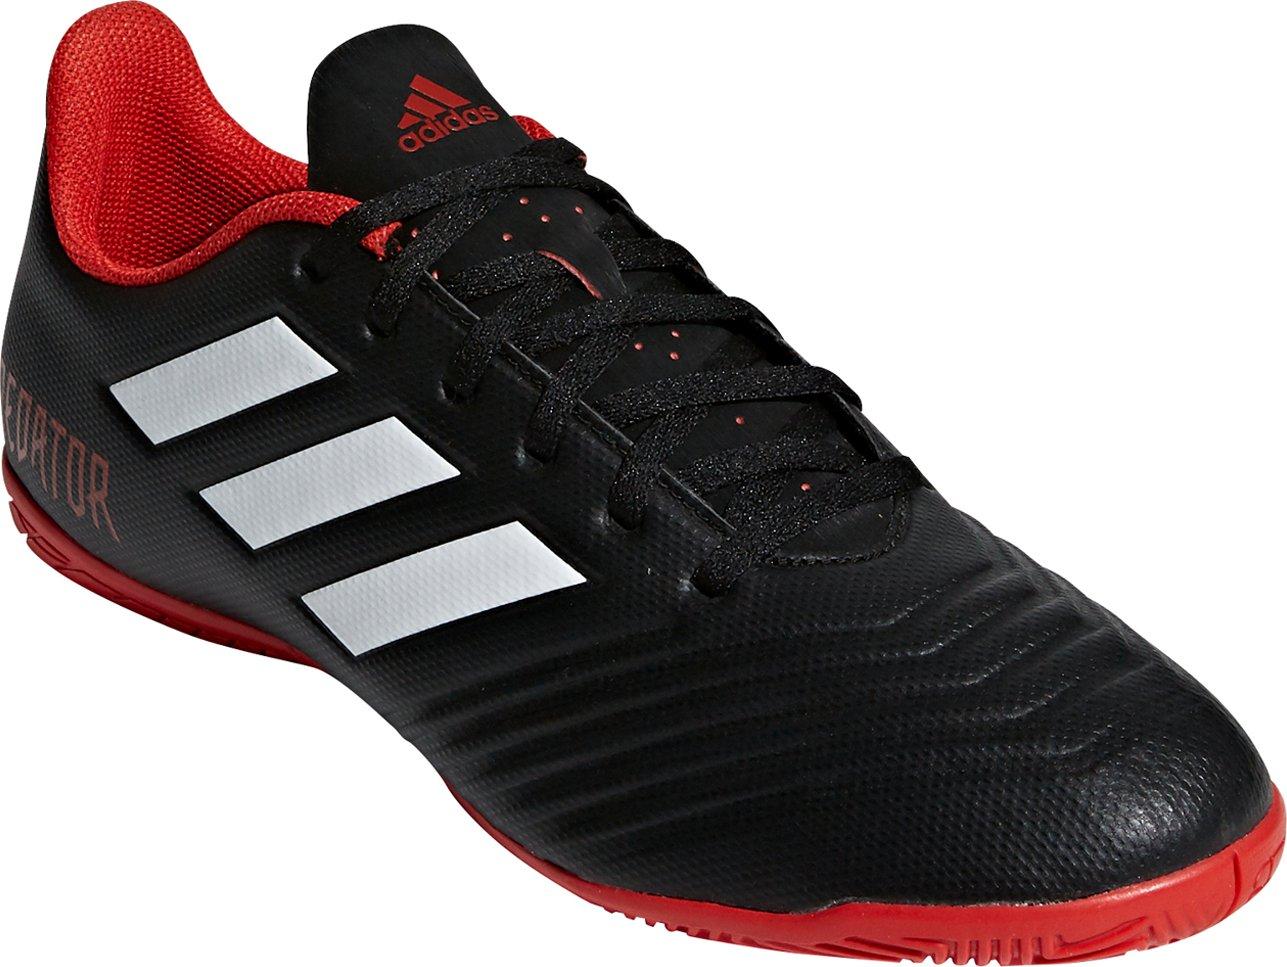 871e16c73a2 Adidas Predator Tango 18.4 černé bílé červené od 799 Kč • Zboží.cz